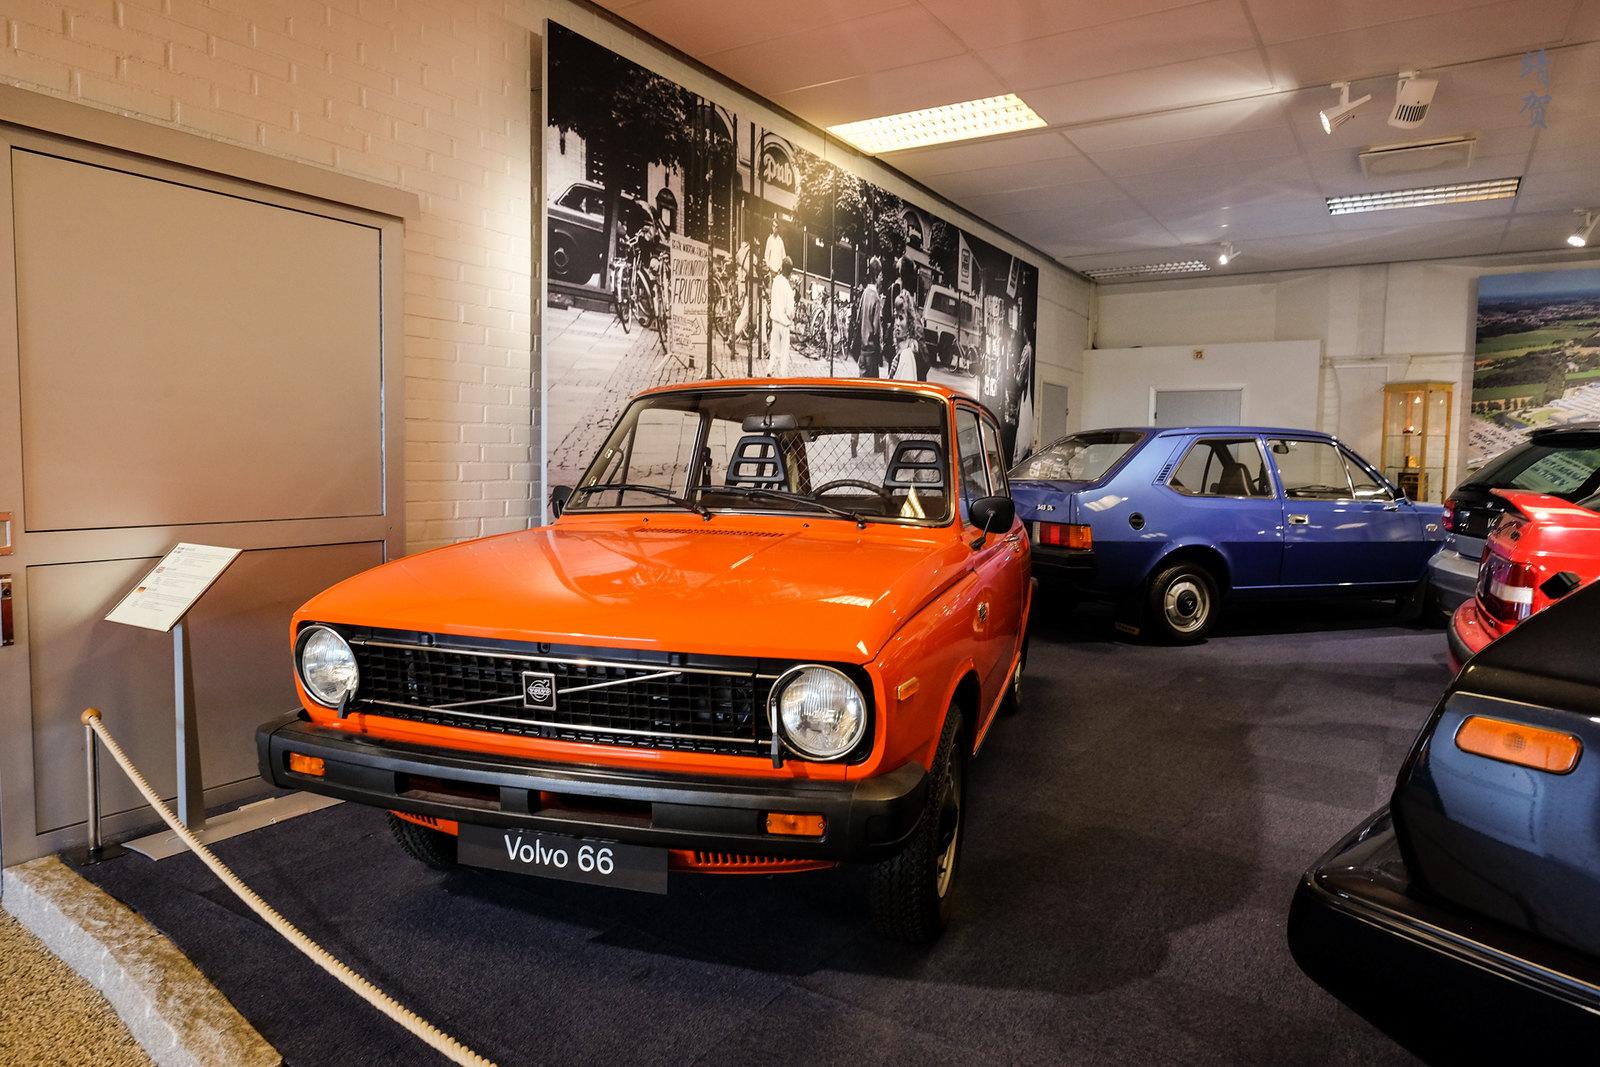 Volvo 'Daf' 66